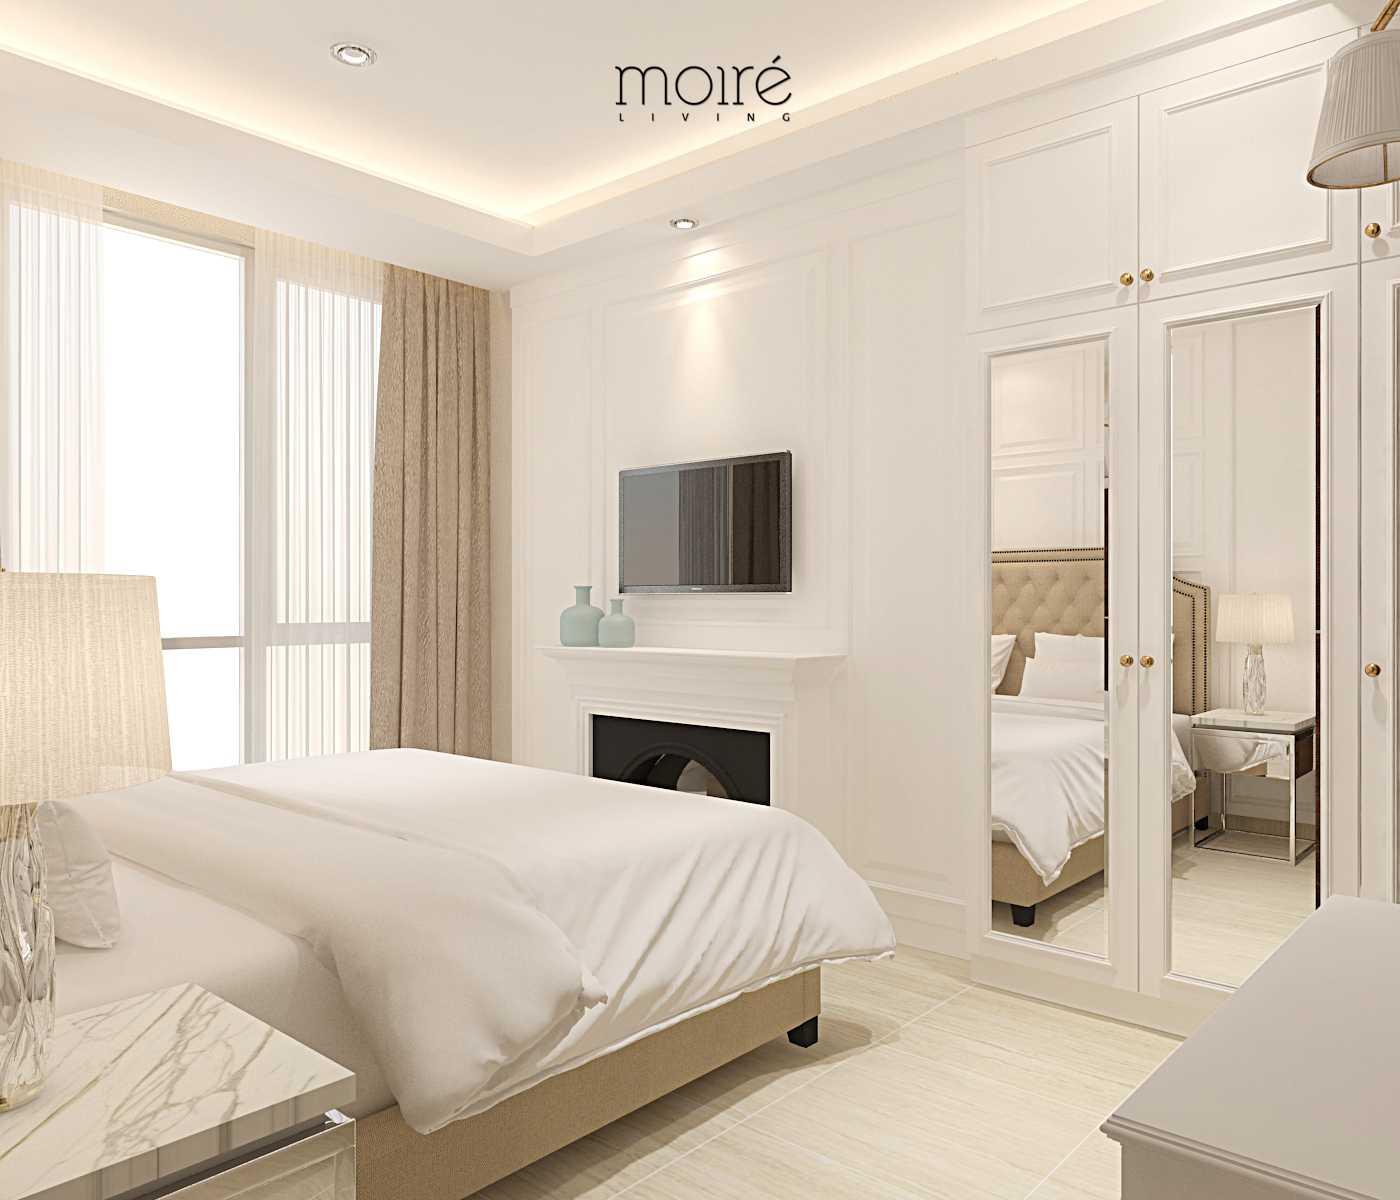 Moire Living Windsor Apartment Jakarta Barat, Kb. Jeruk, Kota Jakarta Barat, Daerah Khusus Ibukota Jakarta, Indonesia  Moire-Living-Windsor-Apartment Klasik  54861